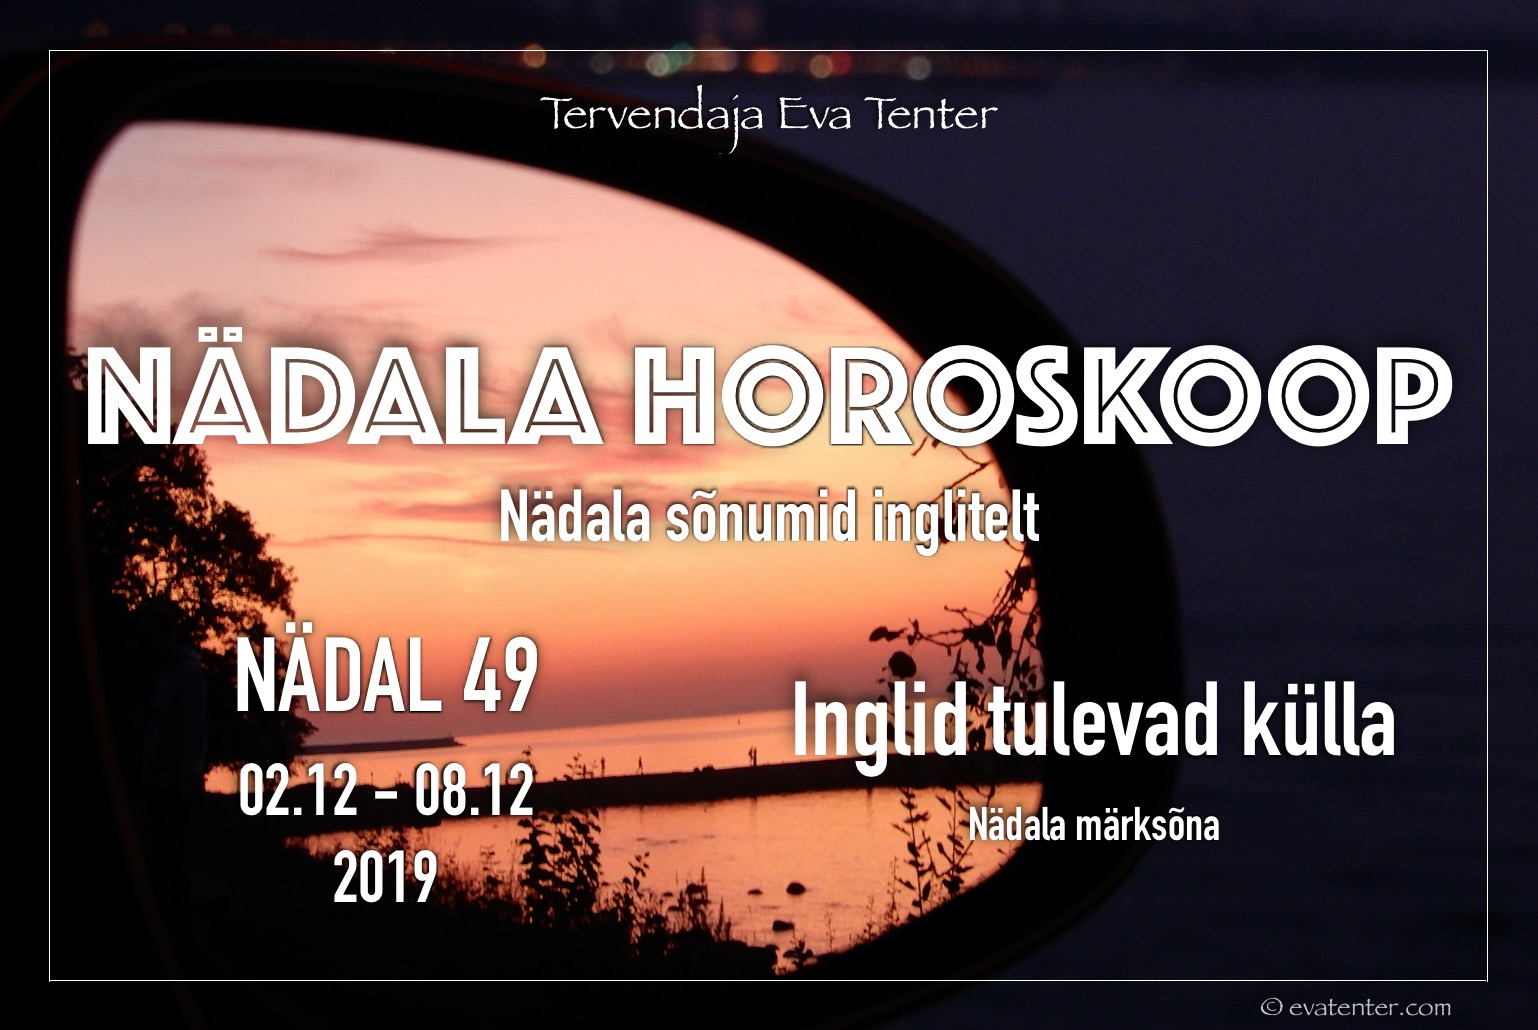 Nädala horoskoop 02.12-08.12.2019